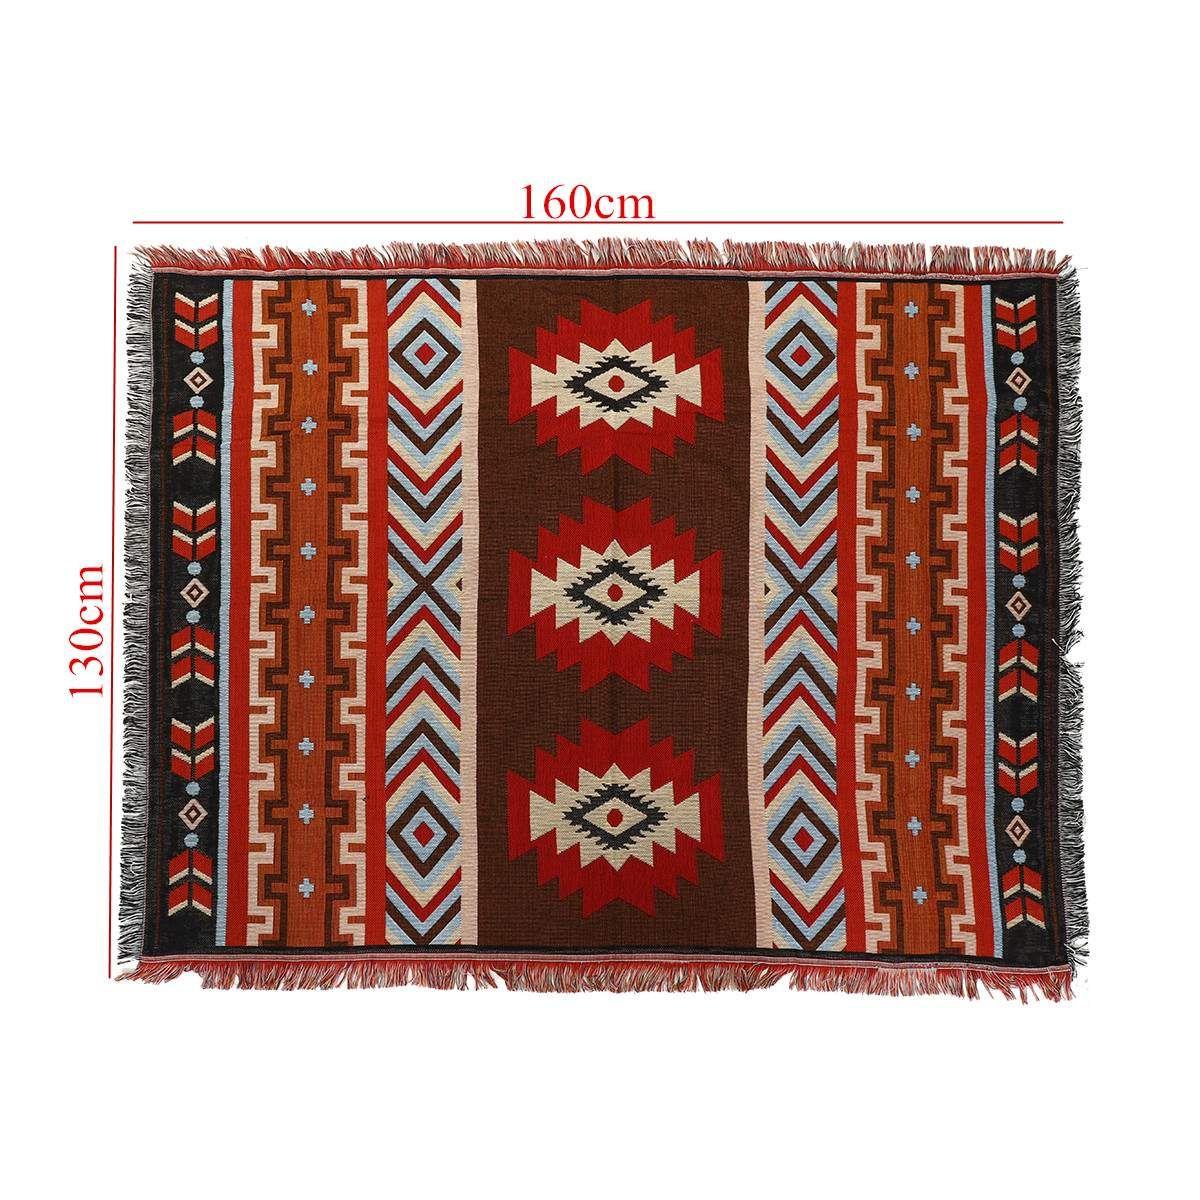 130x160 cm aztèque Navajo jeter couverture tapis tenture murale coton tapis tapis serviette tissé géométrique Textiles literie décoration de la maison